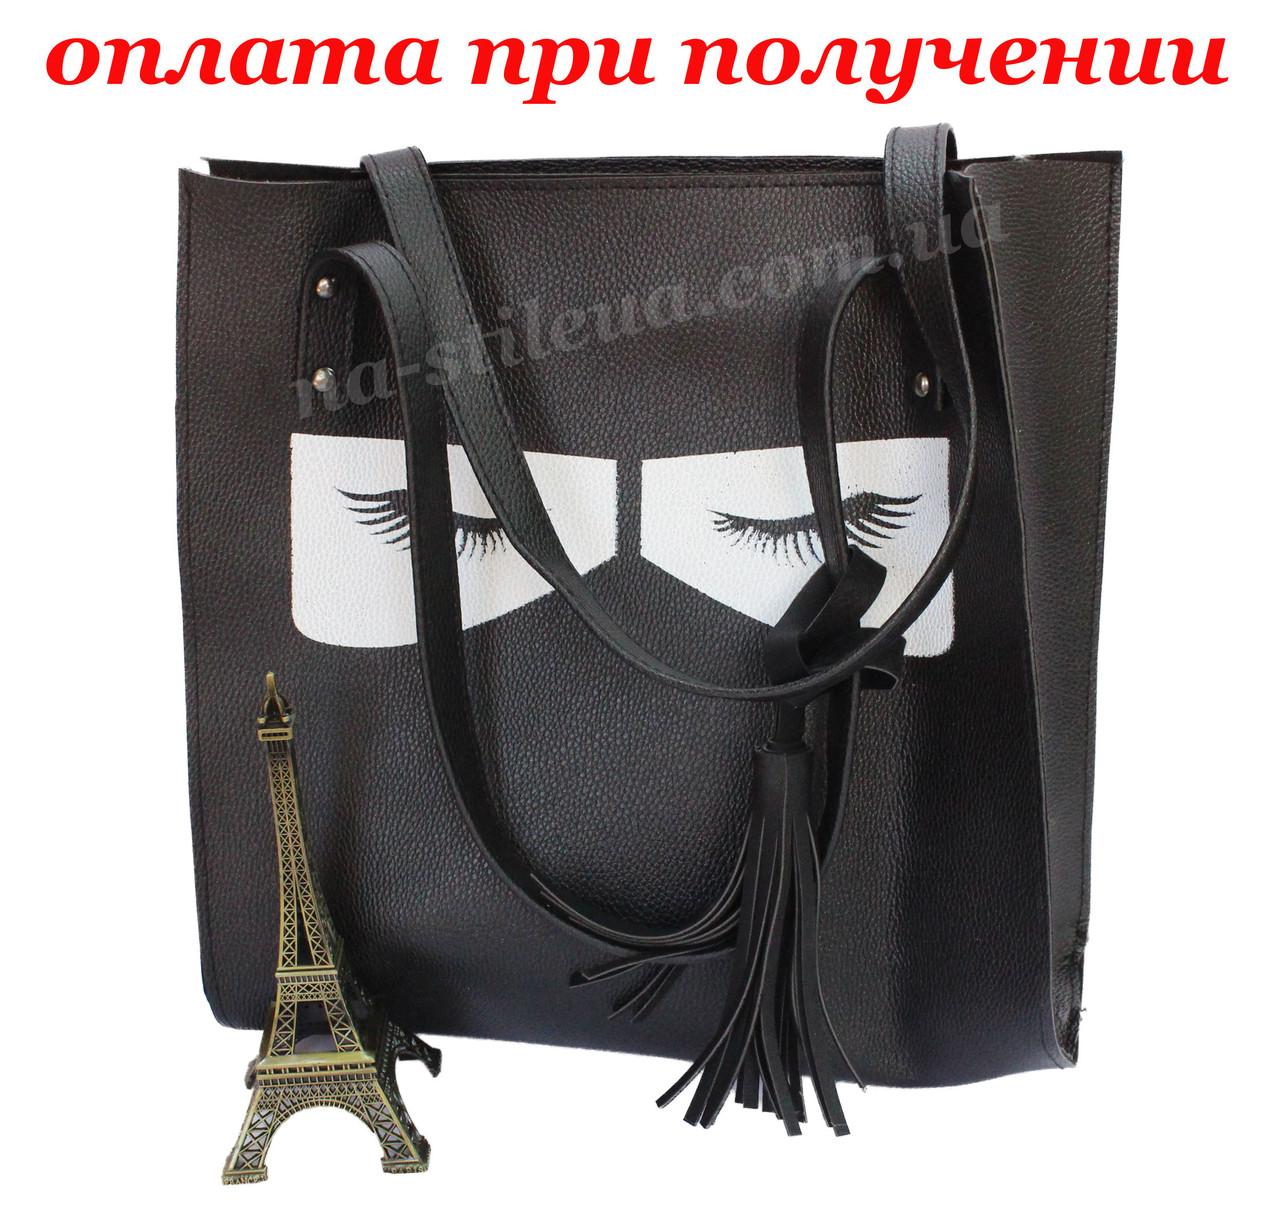 Женская кожаная сумка клатч мини шкіряна вместительная обьемная Eyes